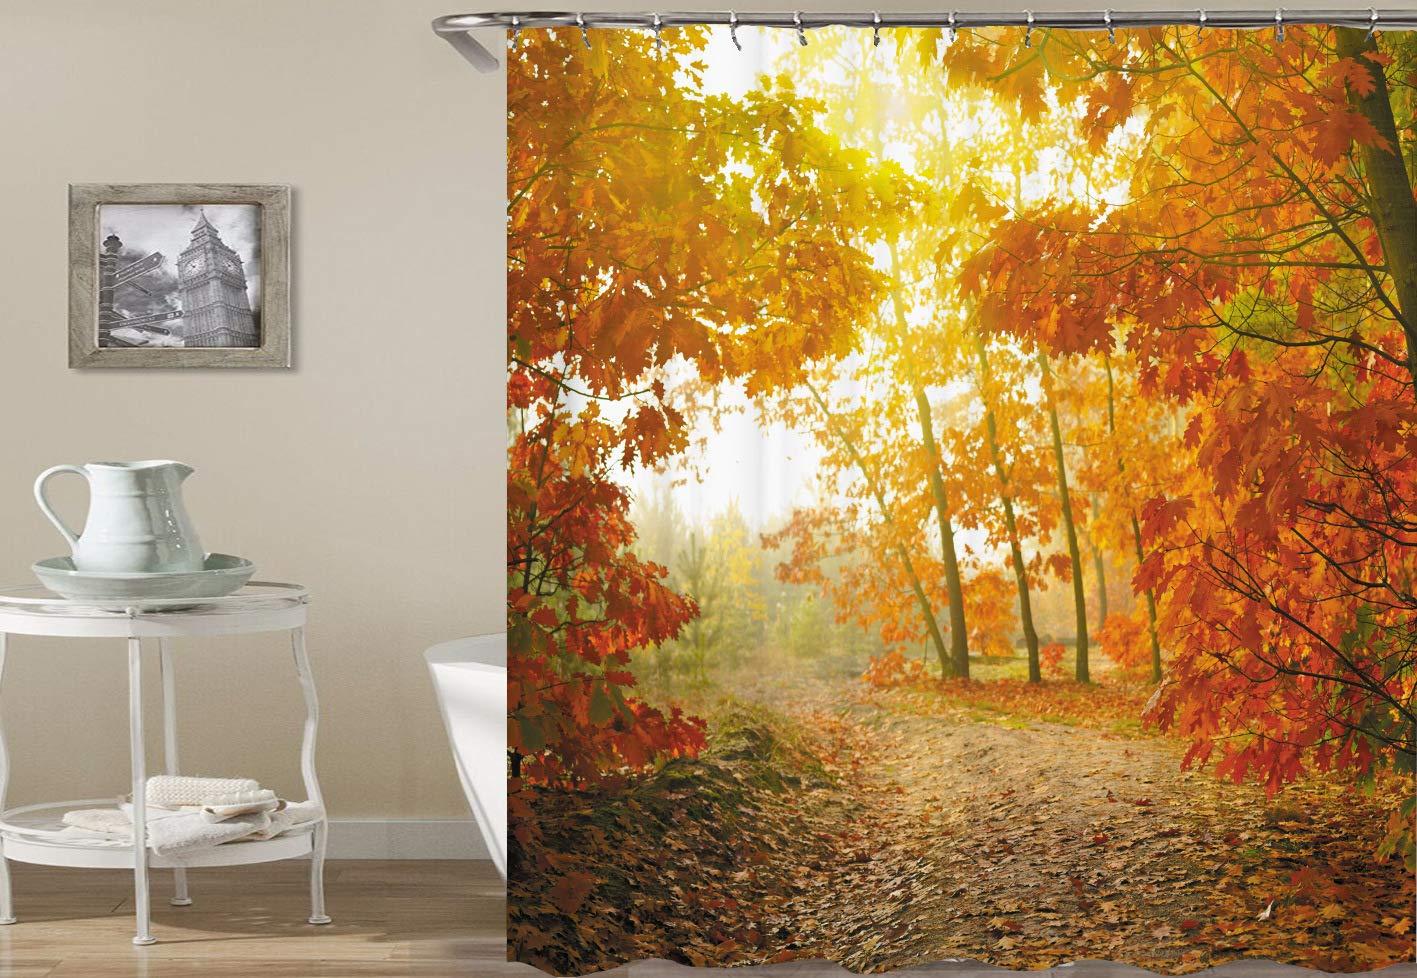 ajhgfjgdhkmdg-Schner-gelber-Goldener-Herbstlaub-des-weien-Himmels-und-grner-groer-Baum-Qualittsduschvorhang-mit-waschbarer-Gewebebadezimmerdekoration-des-Wasserdichten-Gewebes-des-Hakens